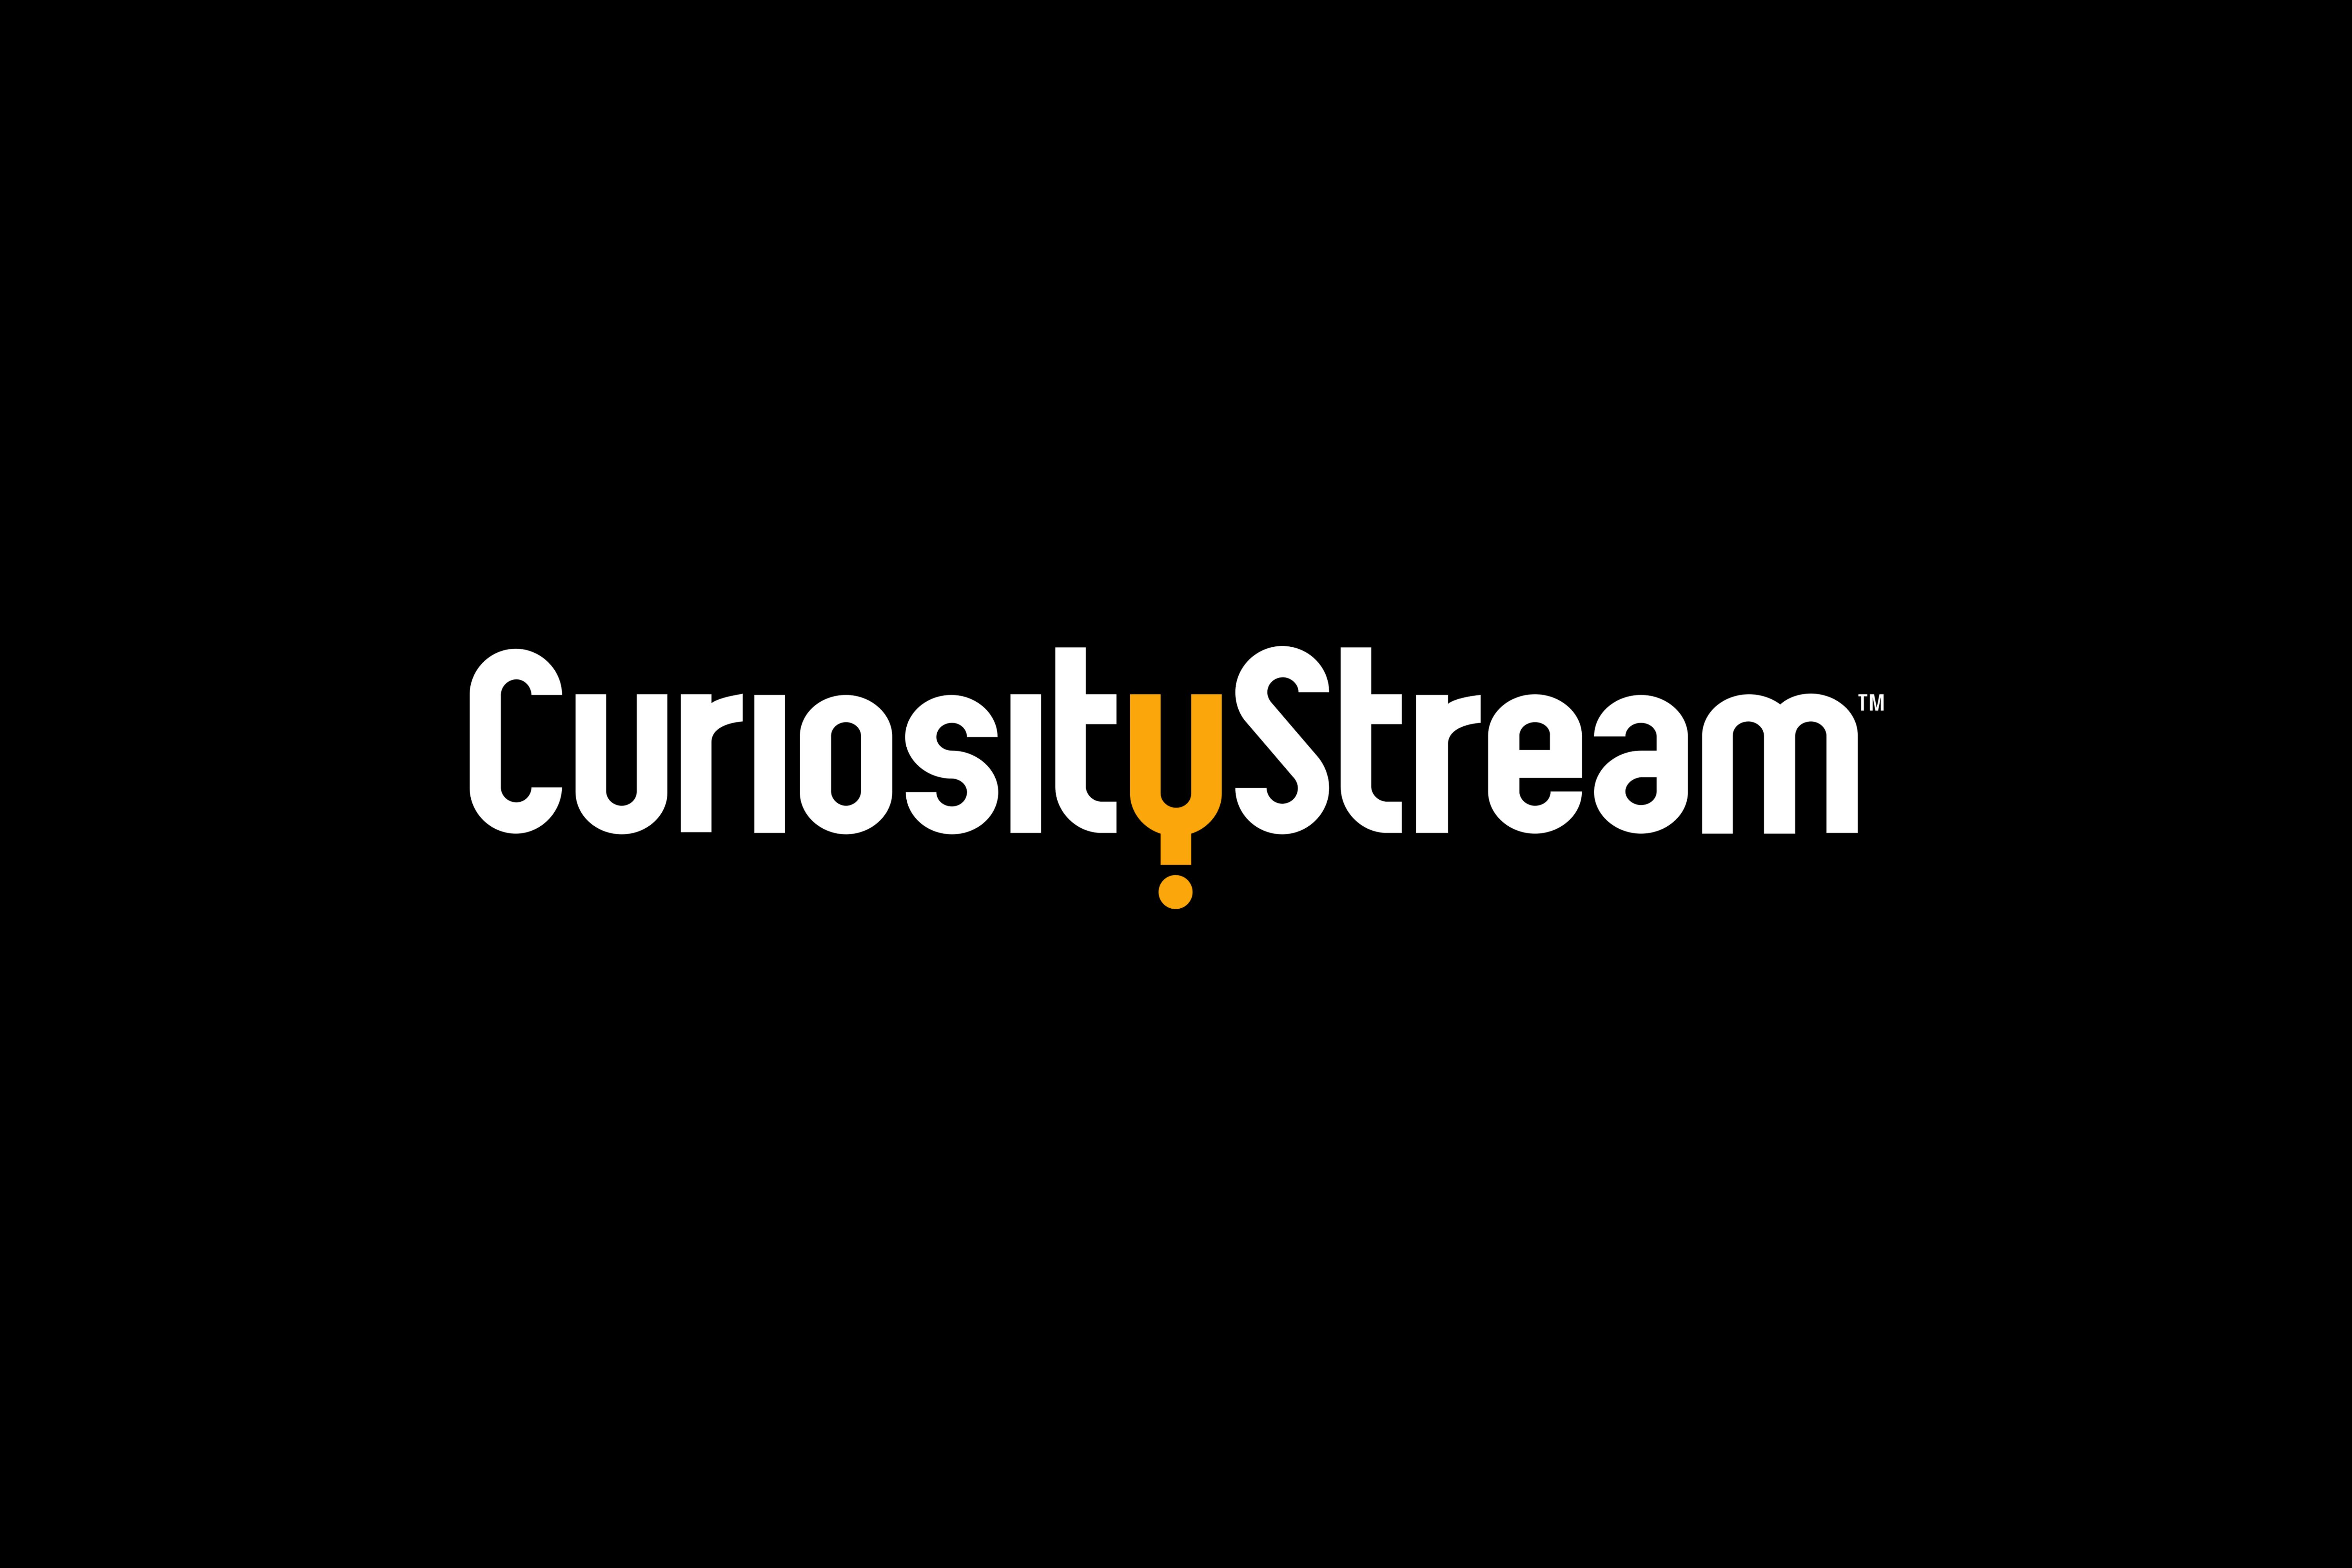 CS landing page logos blk